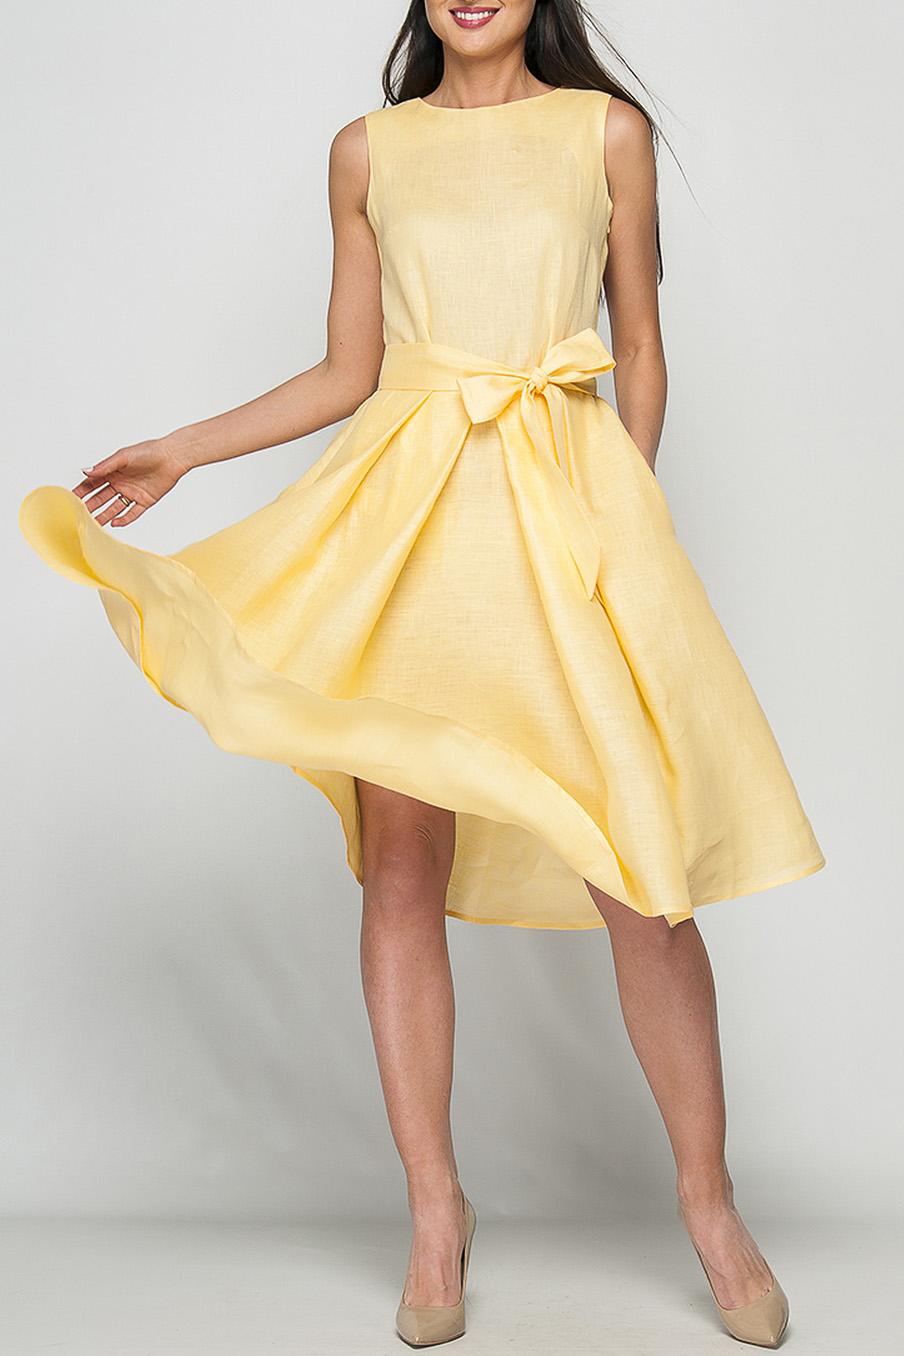 ПлатьеПлатья<br>Элегантное женское платье расклешенного кроя, длина ниже колена, линию талии подчеркнет эффектный декоративный пояс, потайная застежка - молния в боковом шве, в боковых складках юбки спрятаны карманы.  Цвет: желтый  Рост девушки-фотомодели 175 см<br><br>Горловина: С- горловина<br>По длине: Ниже колена<br>По материалу: Лен<br>По рисунку: Однотонные<br>По силуэту: Полуприталенные,Свободные<br>По стилю: Летний стиль,Повседневный стиль<br>По форме: Платье - трапеция<br>По элементам: С декором,С карманами,С молнией,Со складками<br>Рукав: Без рукавов<br>По сезону: Лето<br>Размер : 42<br>Материал: Лен<br>Количество в наличии: 1